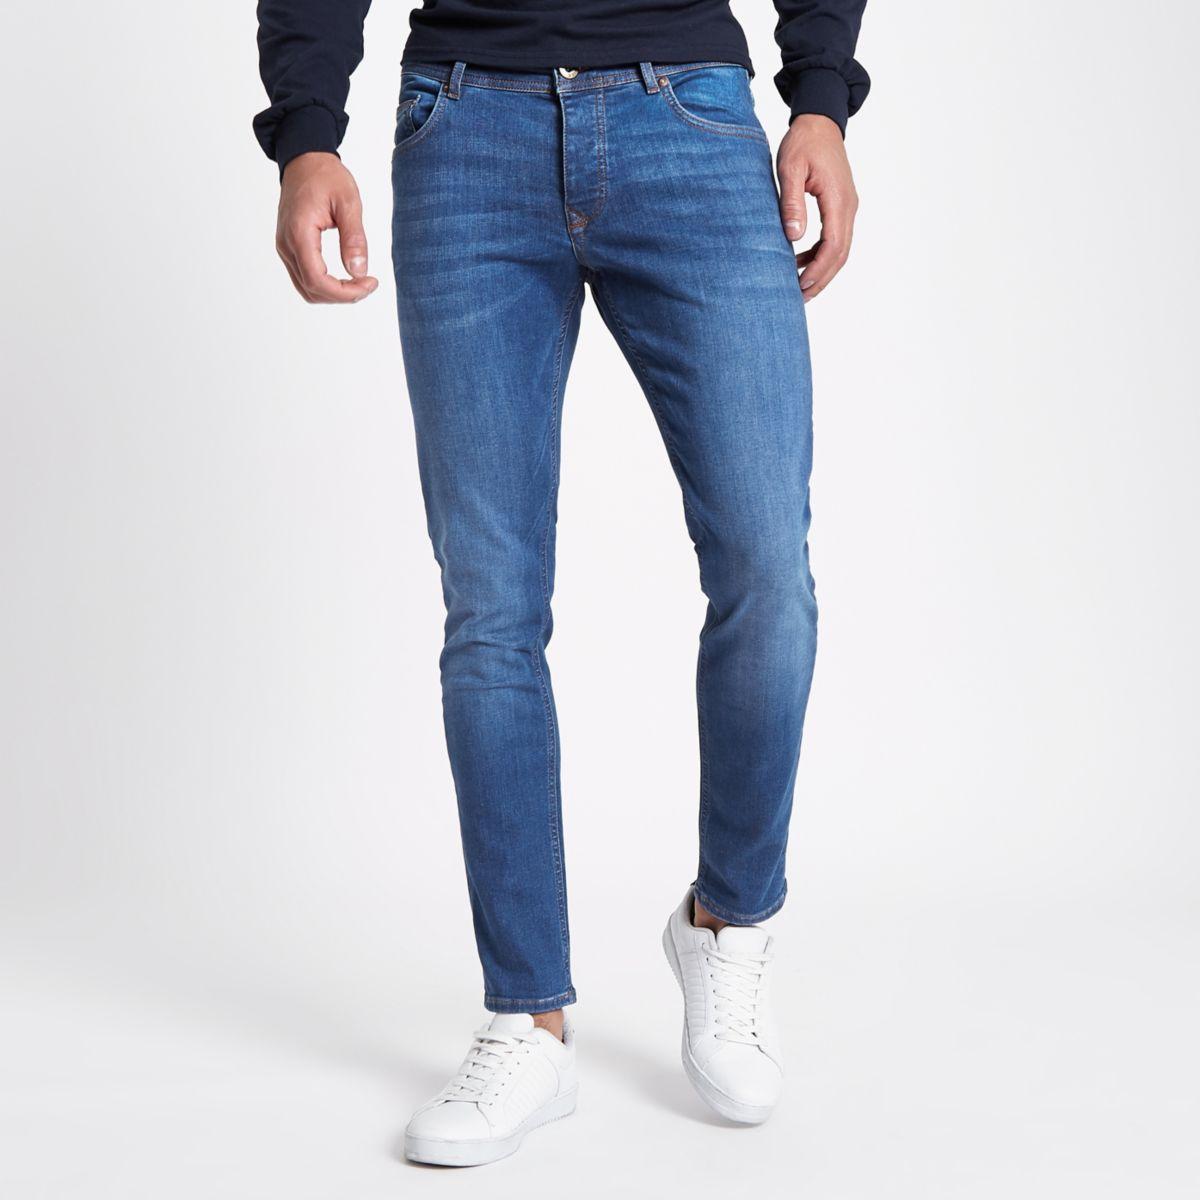 Jeu En France River Island Jeans Skinny - mid blue Acheter Pas Cher Faible Frais D'expédition Remise En Commande original Ordre De Vente 7dyyriQ